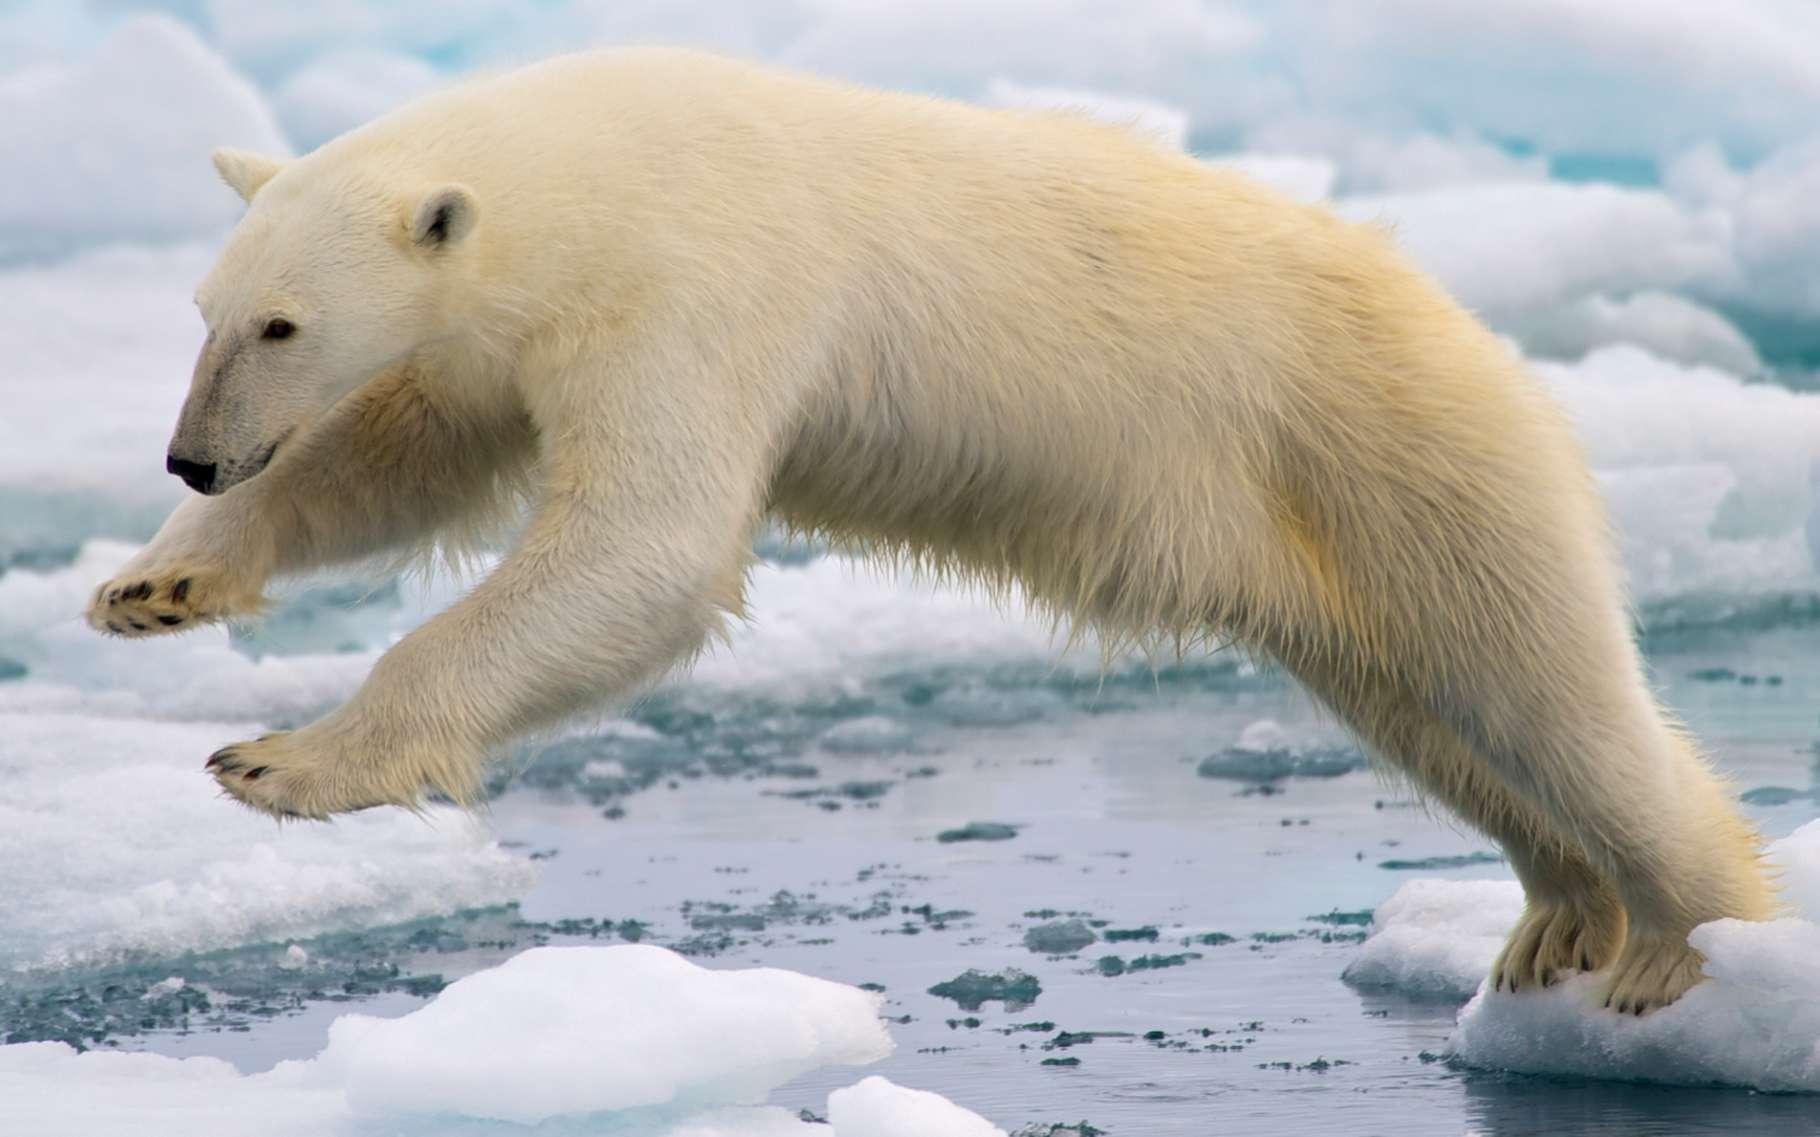 La banquise est une glace de mer dont la fonte n'impacte quasiment pas le niveau des océans. Ici, un ours polaire bondissant entre deux blocs de glace de la banquise fondante, sur l'île de Spitzberg, dans l'archipel norvégien de Svalbard. © Arturo de Frias Marques, Wikimedia Commons, CC by-sa 4.0